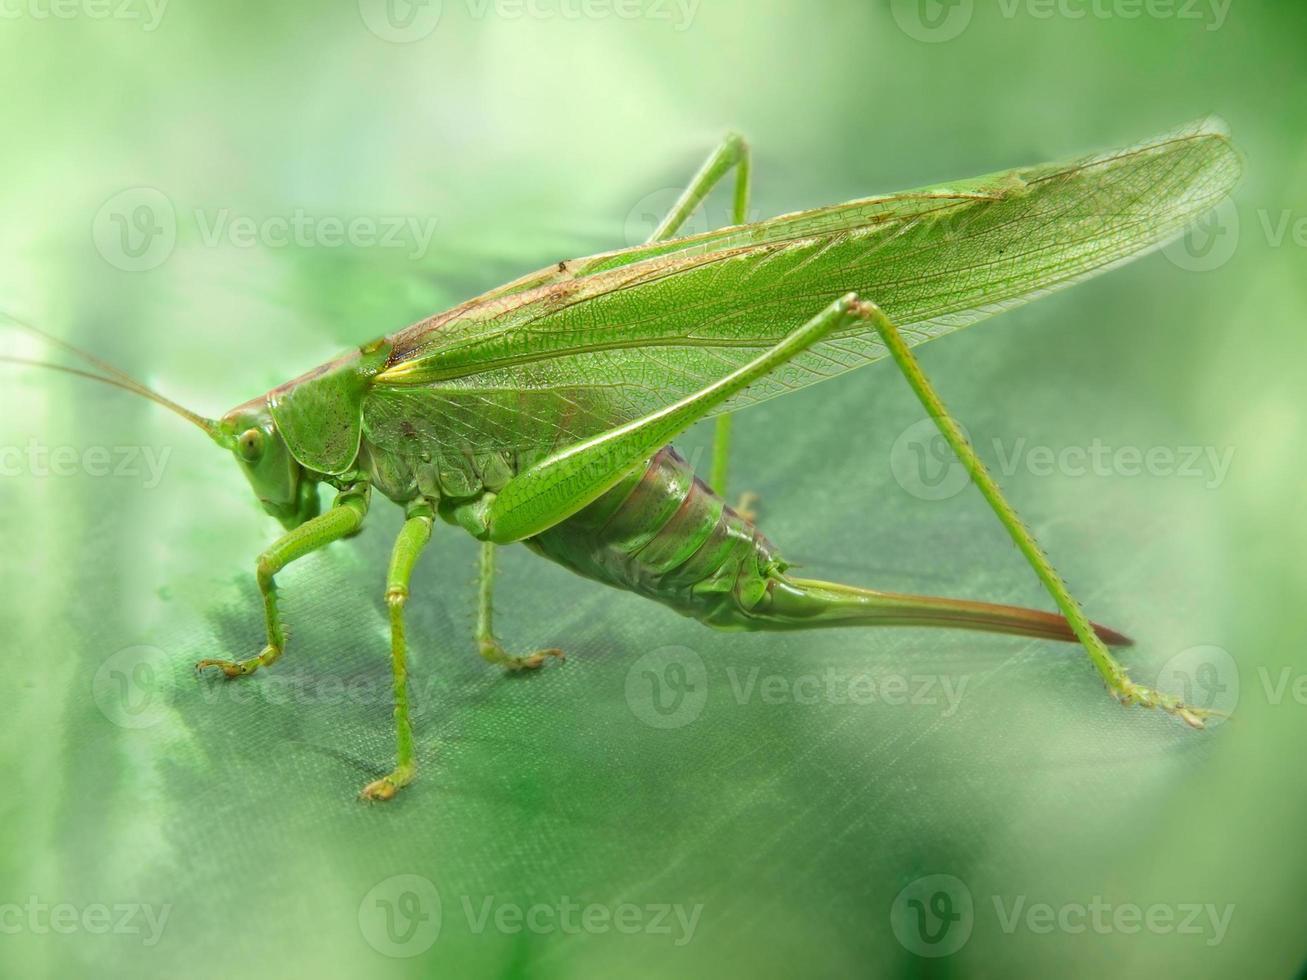 grande locusta verde presa primo piano. foto